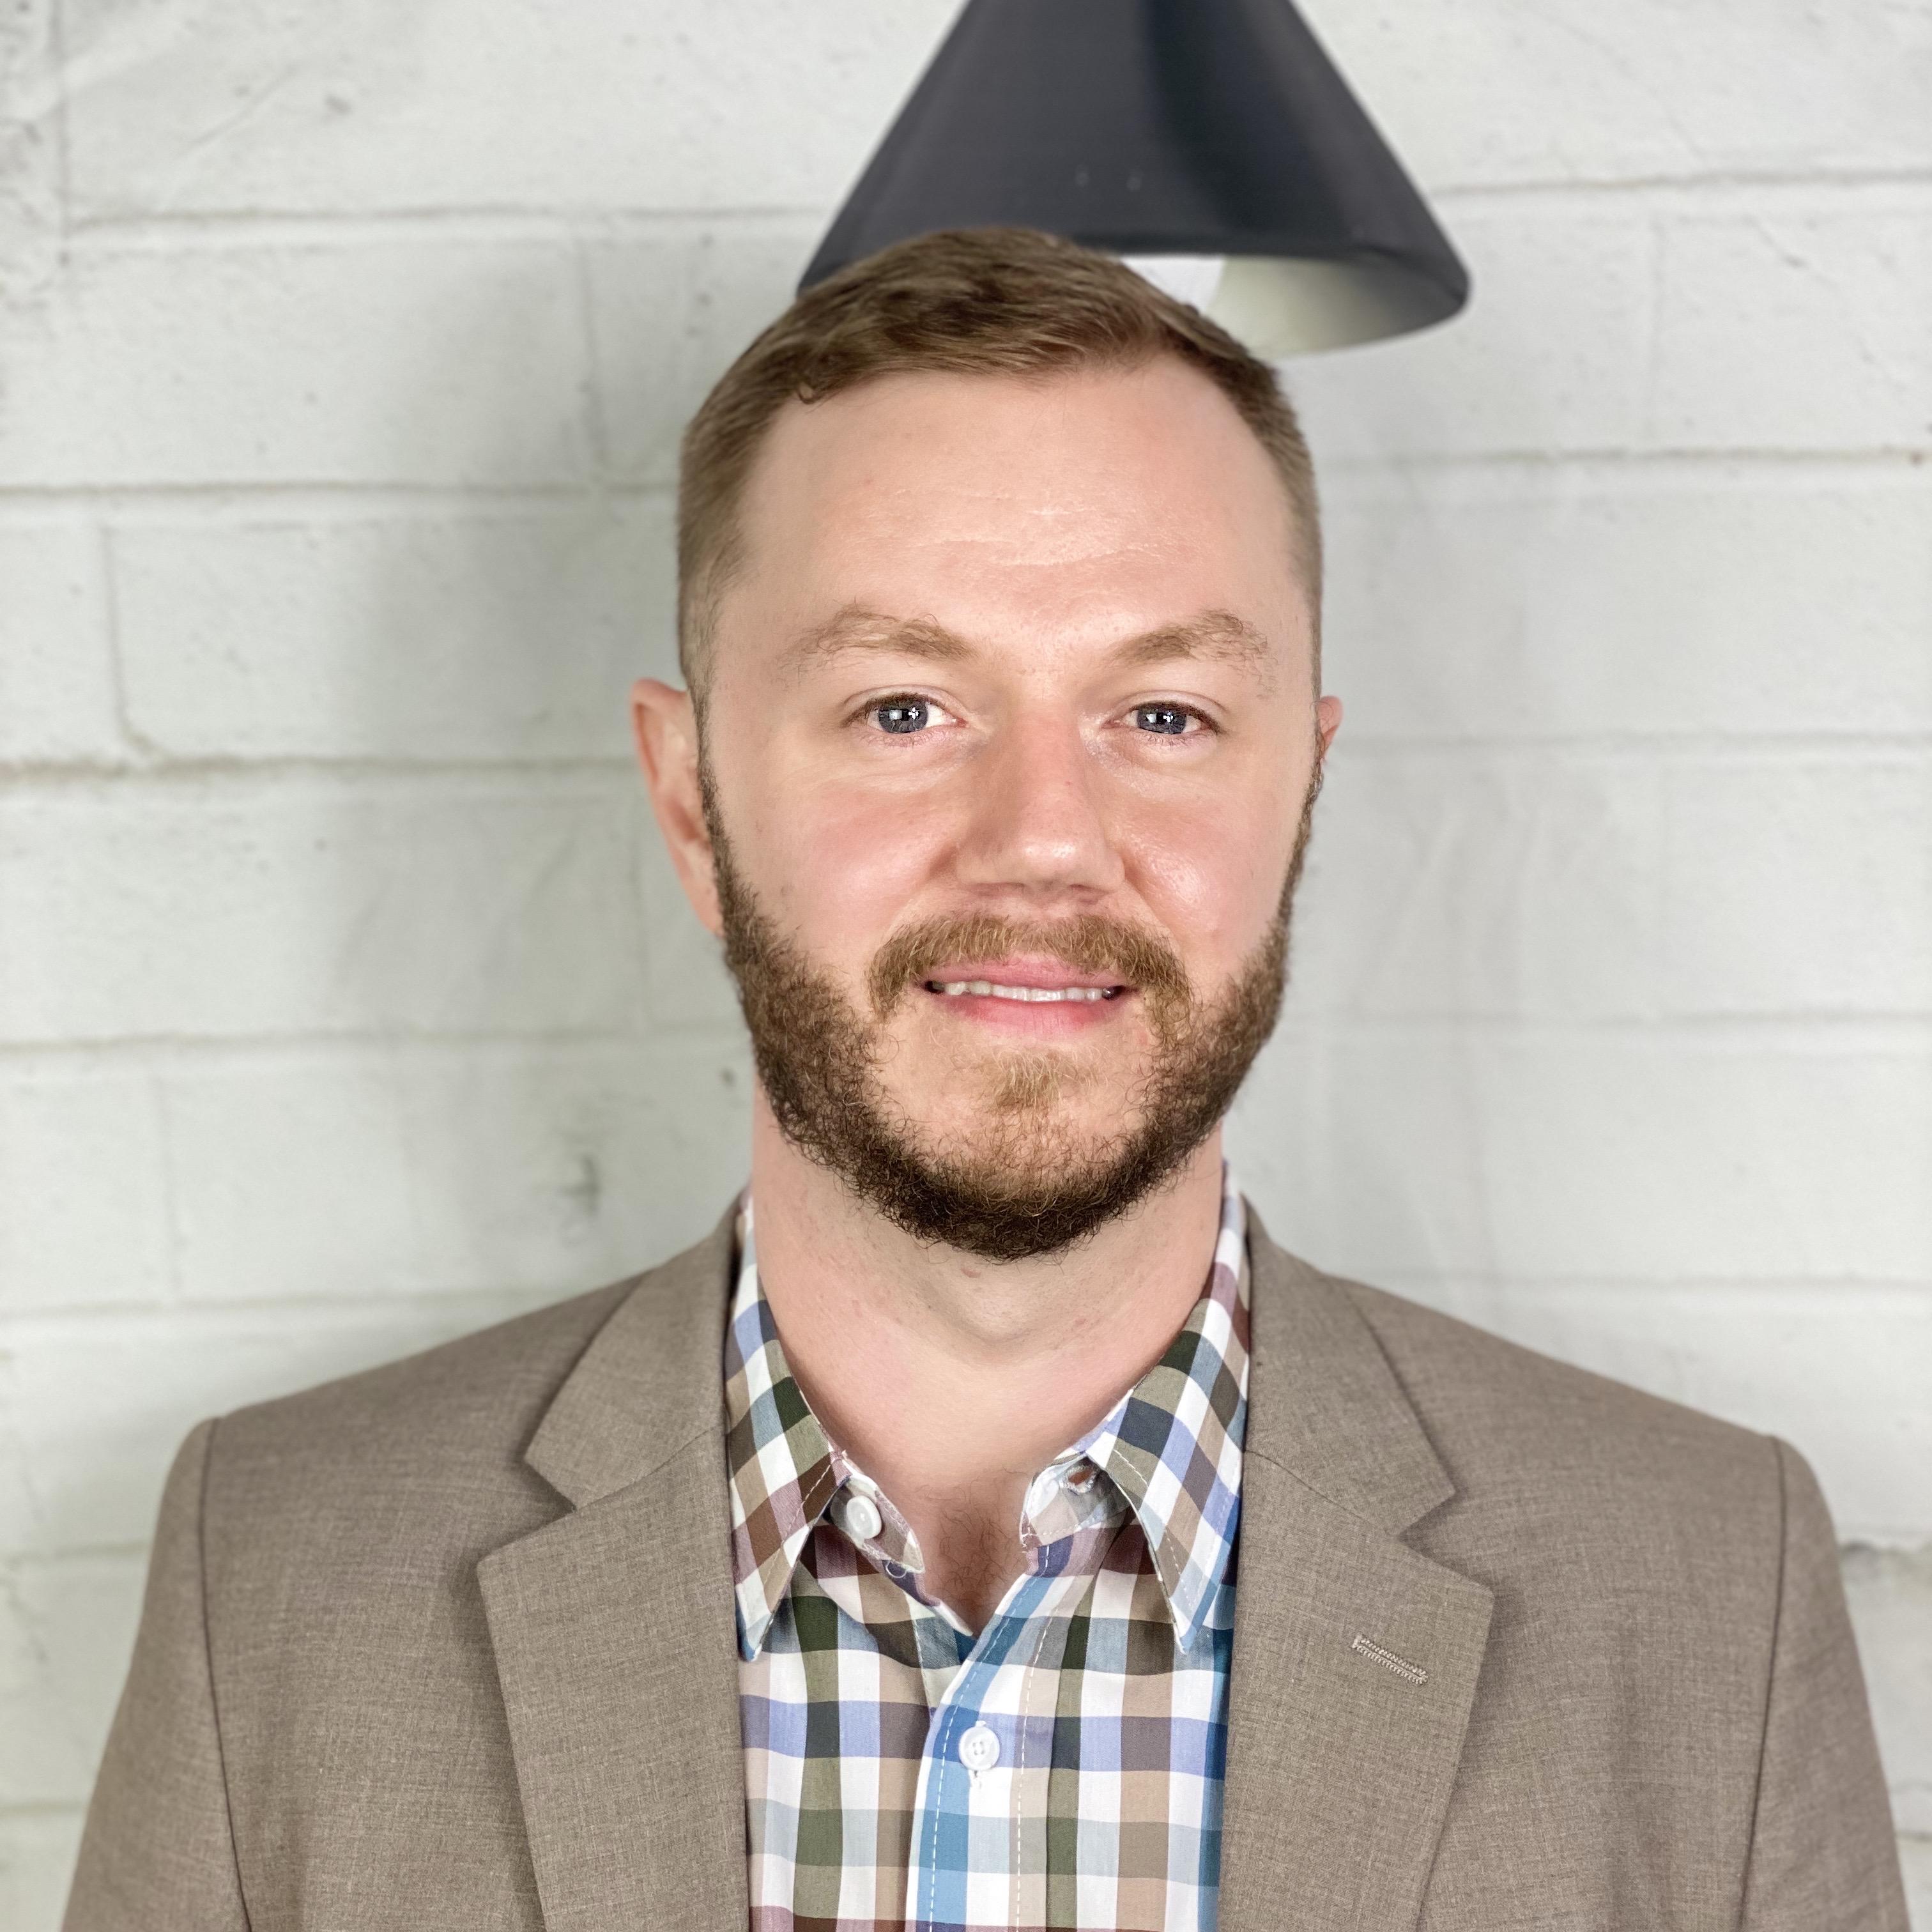 Michael Pryor Headshot